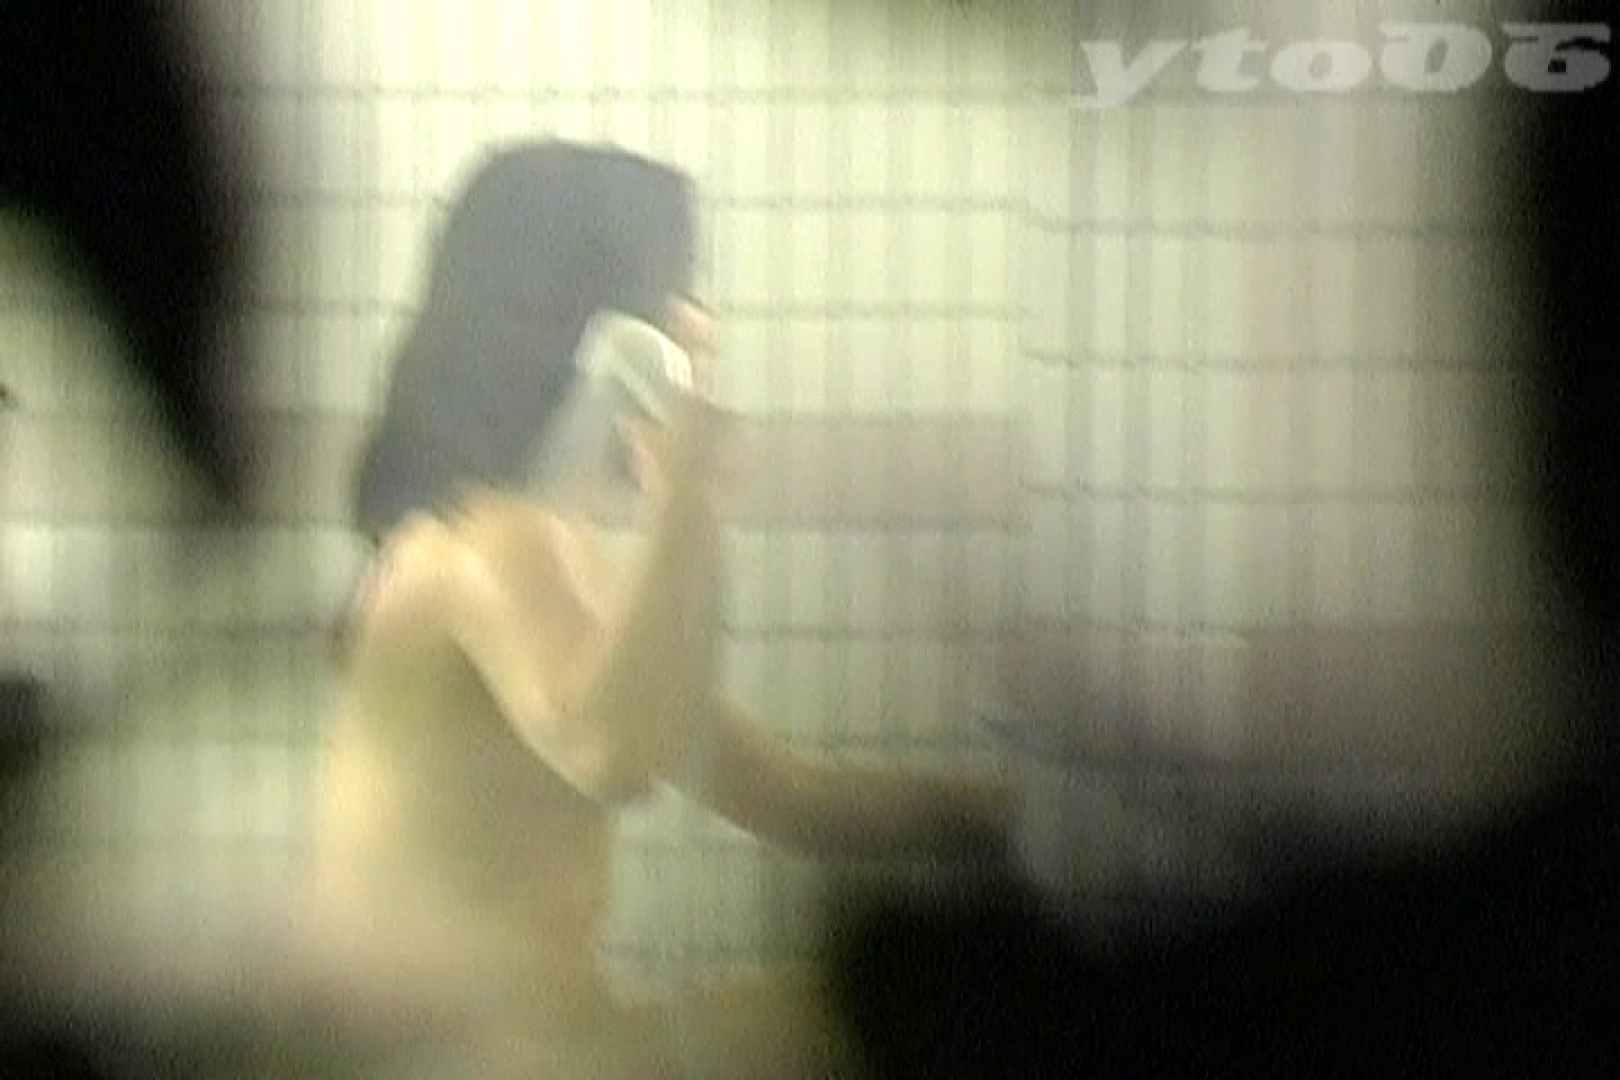 ▲復活限定▲合宿ホテル女風呂盗撮 Vol.36 盗撮大放出 盗撮動画紹介 98連発 3